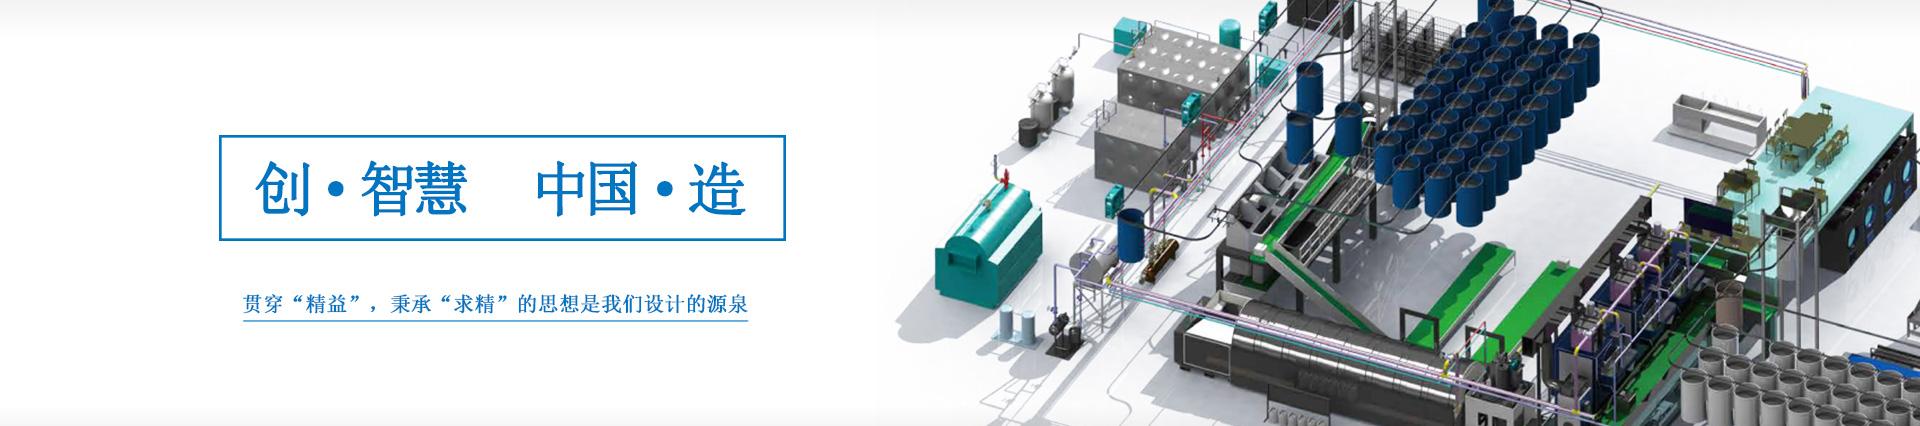 高速折疊機_上海福特洗滌機械有限公司